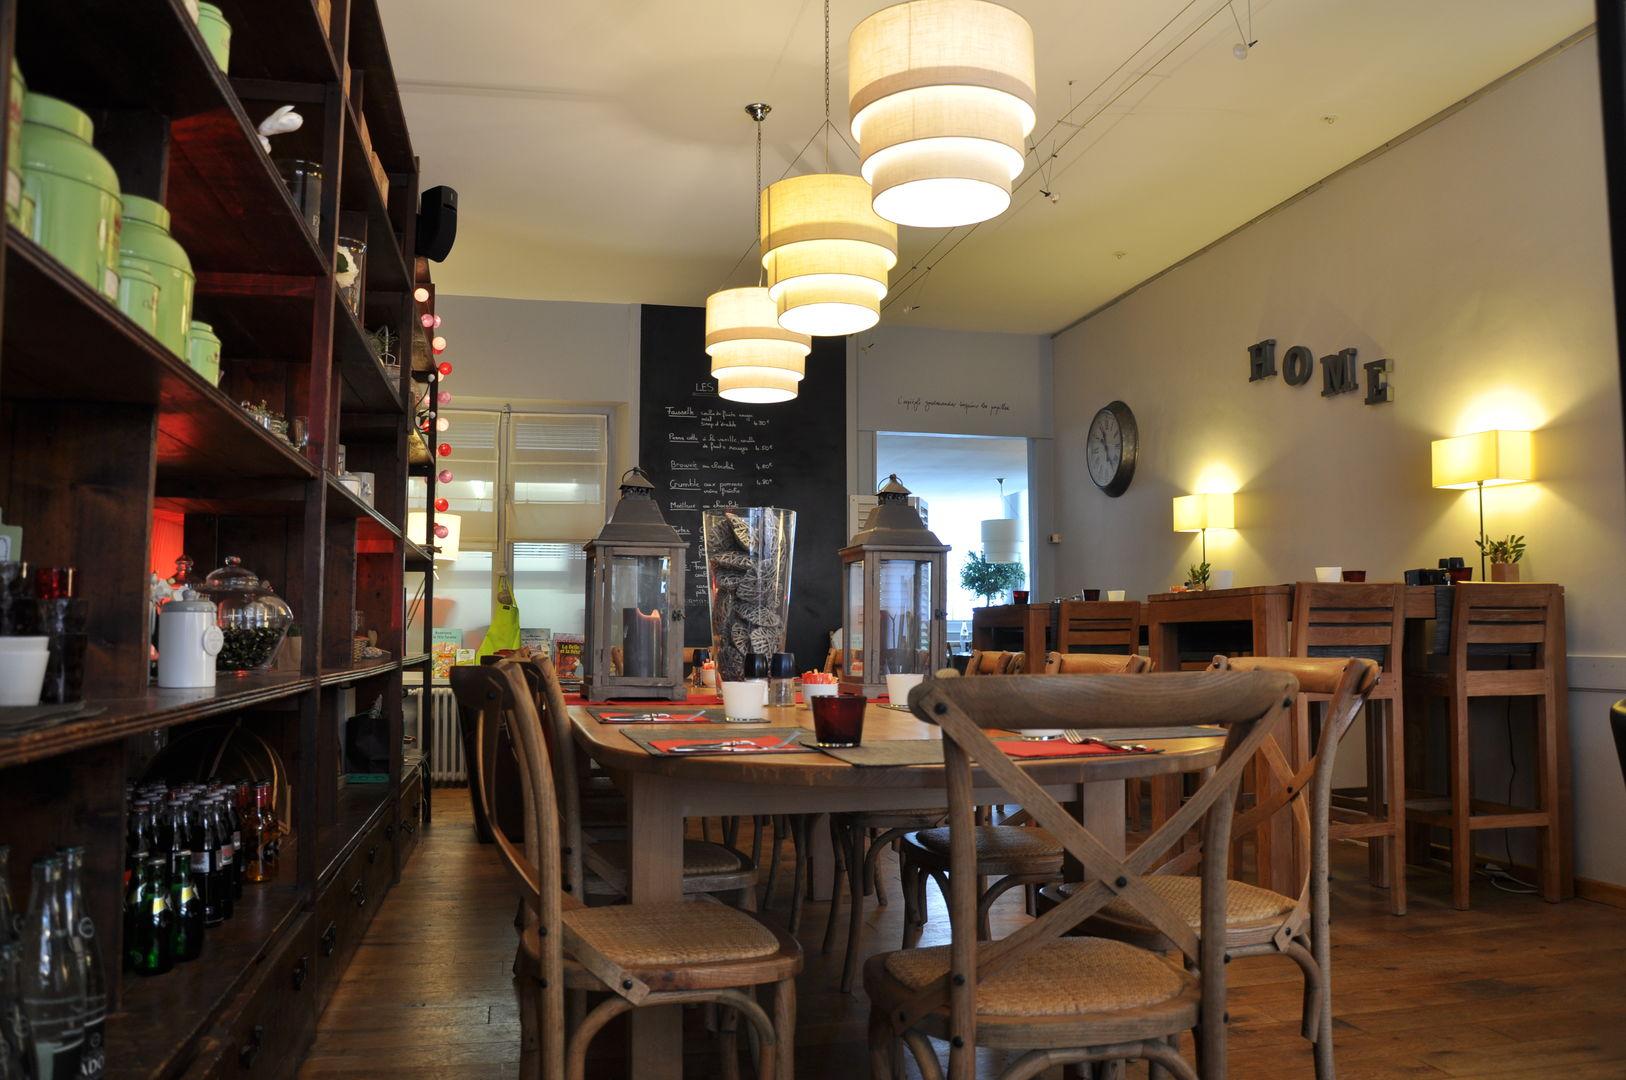 Restaurant_Esprit_de_famille_Saint-Brieuc_photo_principale